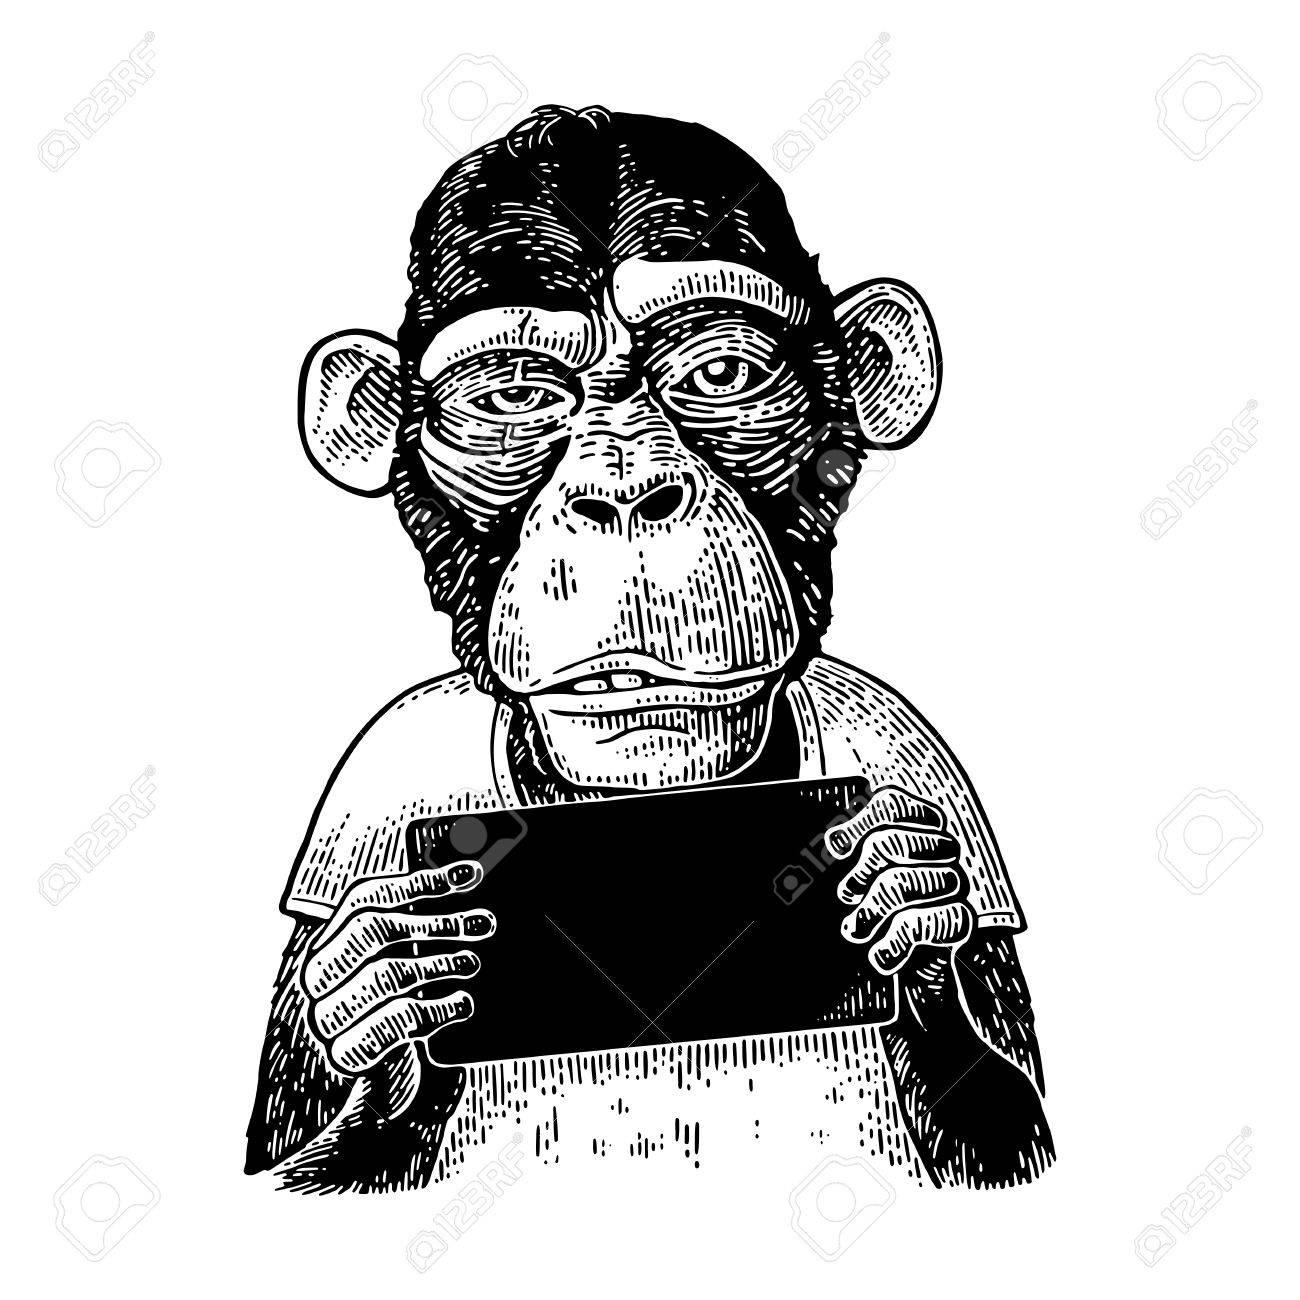 Monkeys holding table. Vintage black engraving illustration for poster. - 82422866